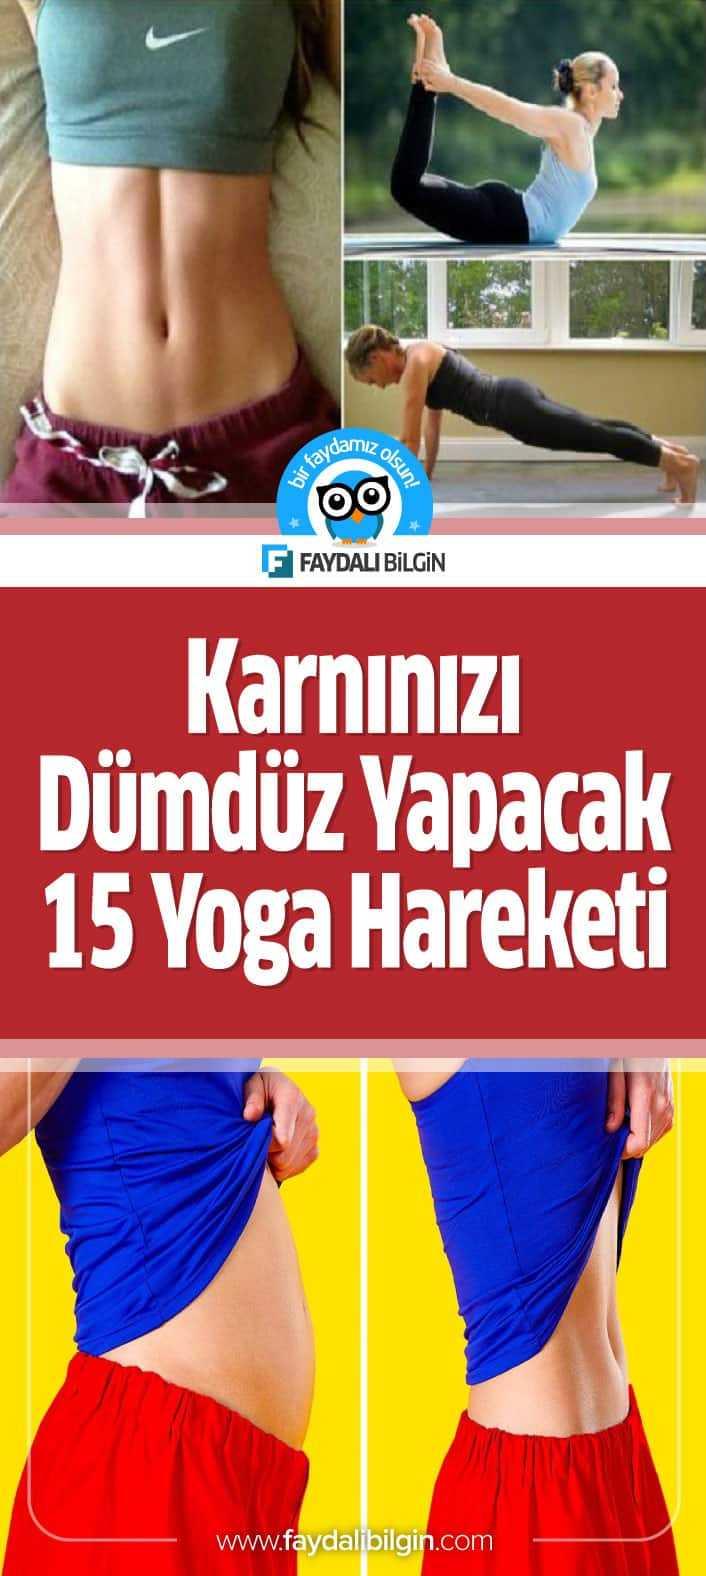 Bu 15 yoga hareketi kilo vermenizi ve yağları eritmenizi sağlayan en sevdiğiniz egzersizler olacak. Karnınızı düzleştirecek 15 yoga asana duruşu. #yoga #hareket #egzersiz #kilo #kiloverme #spor #hareketler #yogaduruşu #sağlık